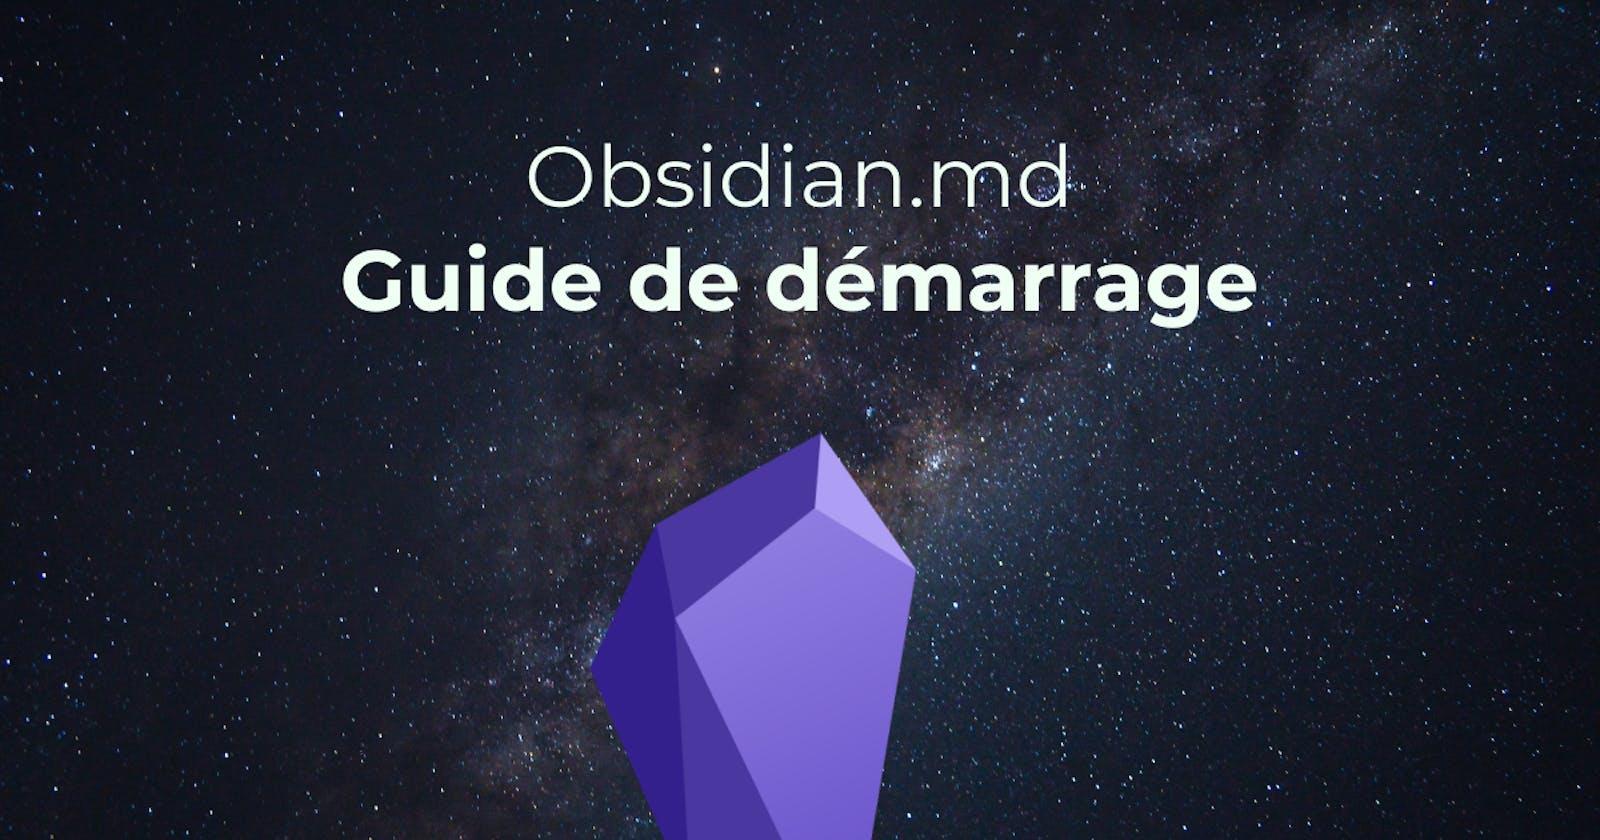 Obsidian.md - Guide de démarrage